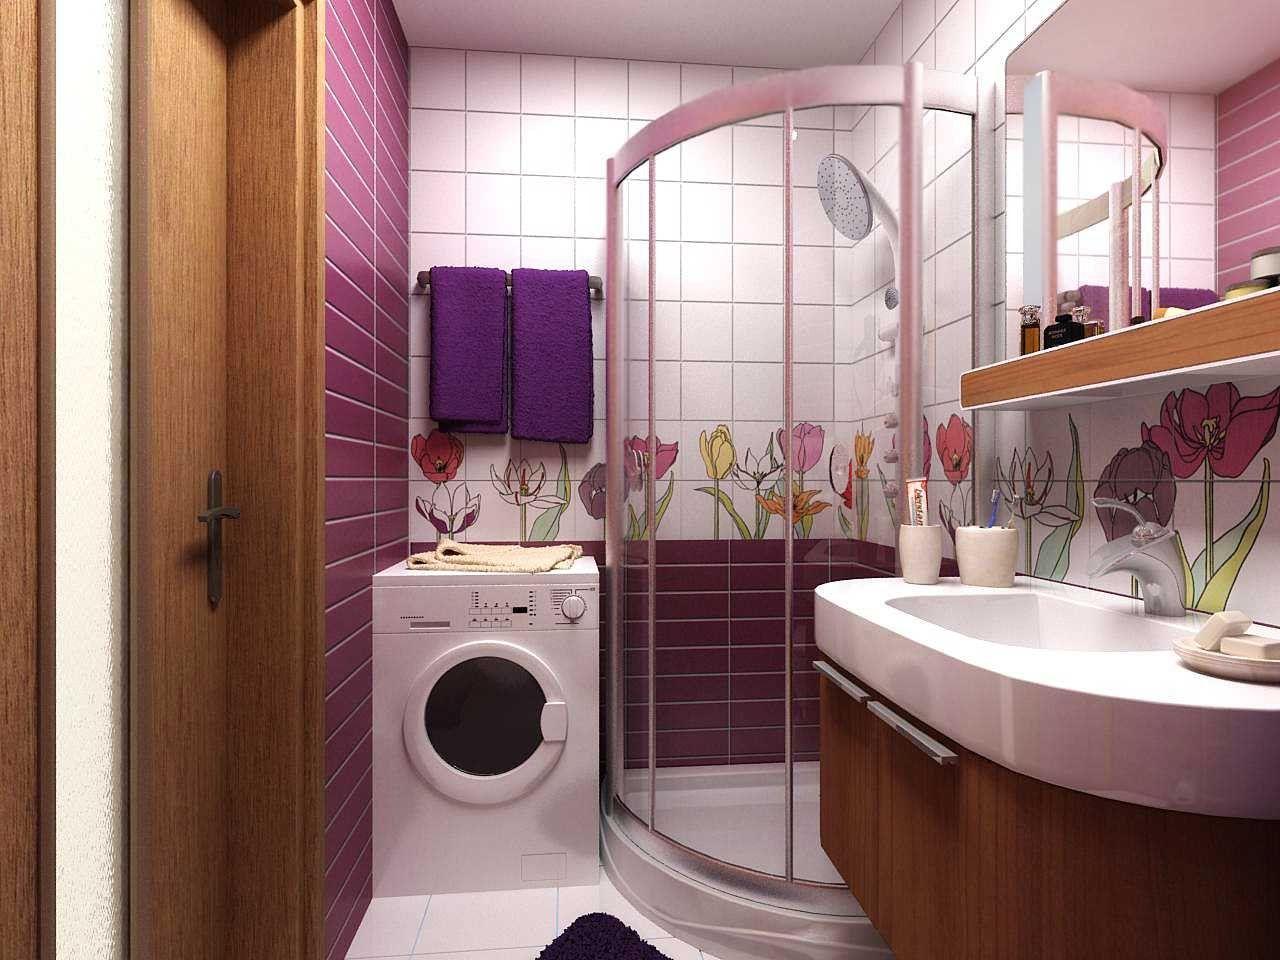 Ремонт ванной комнаты, фото готовых работ